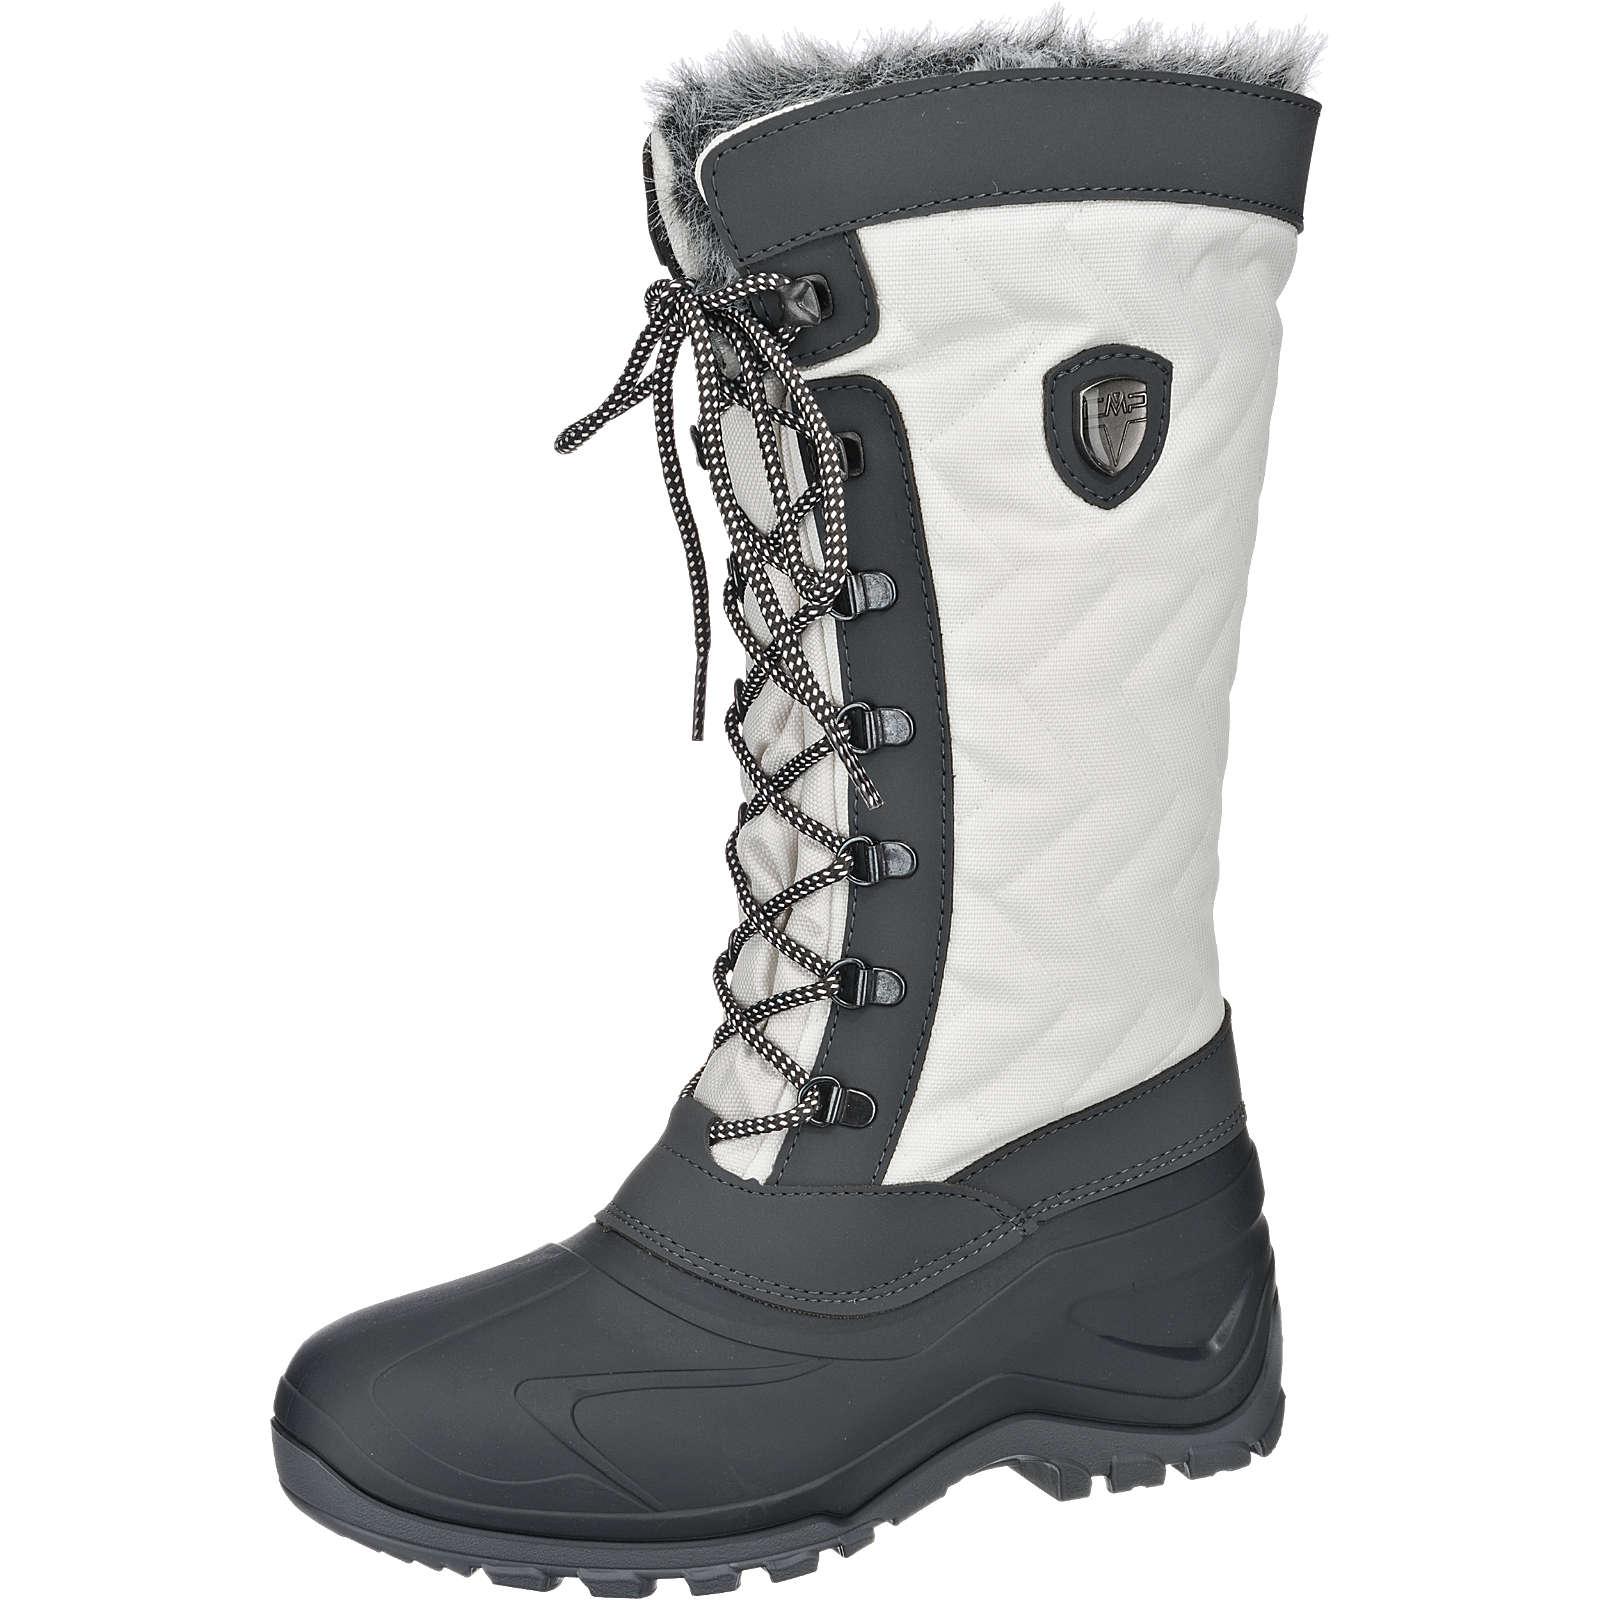 CMP NIETOS WMN SNOW BOOTS Winterstiefel weiß Damen Gr. 41